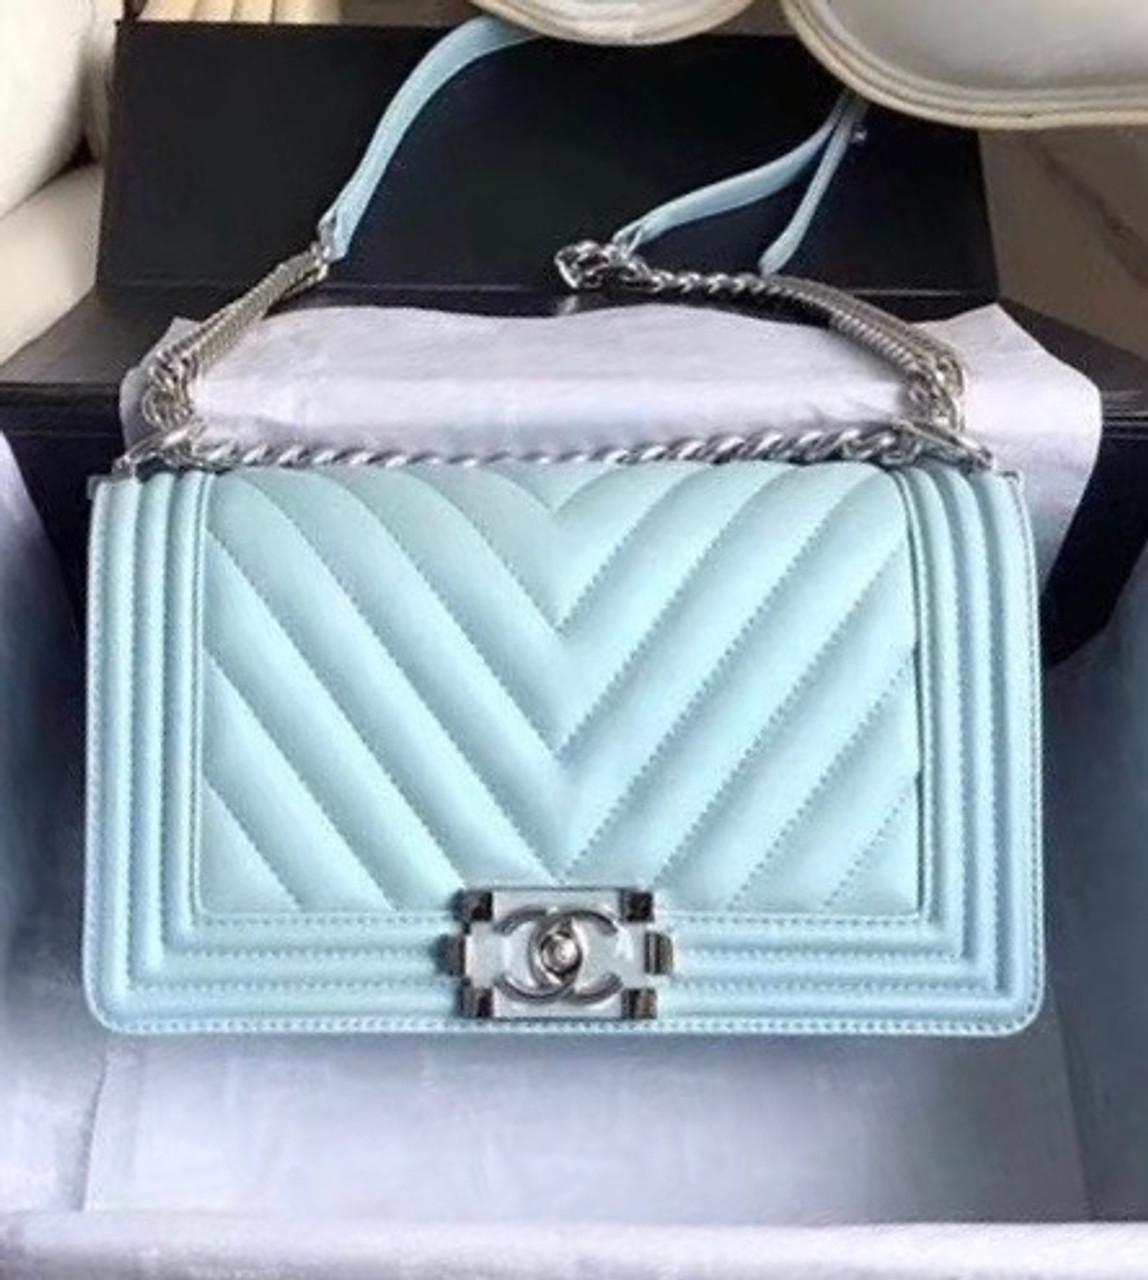 81ab9974c3d5af Chanel 2018 Small BOY CHANEL Handbag Turquoise - Bella Vita Moda